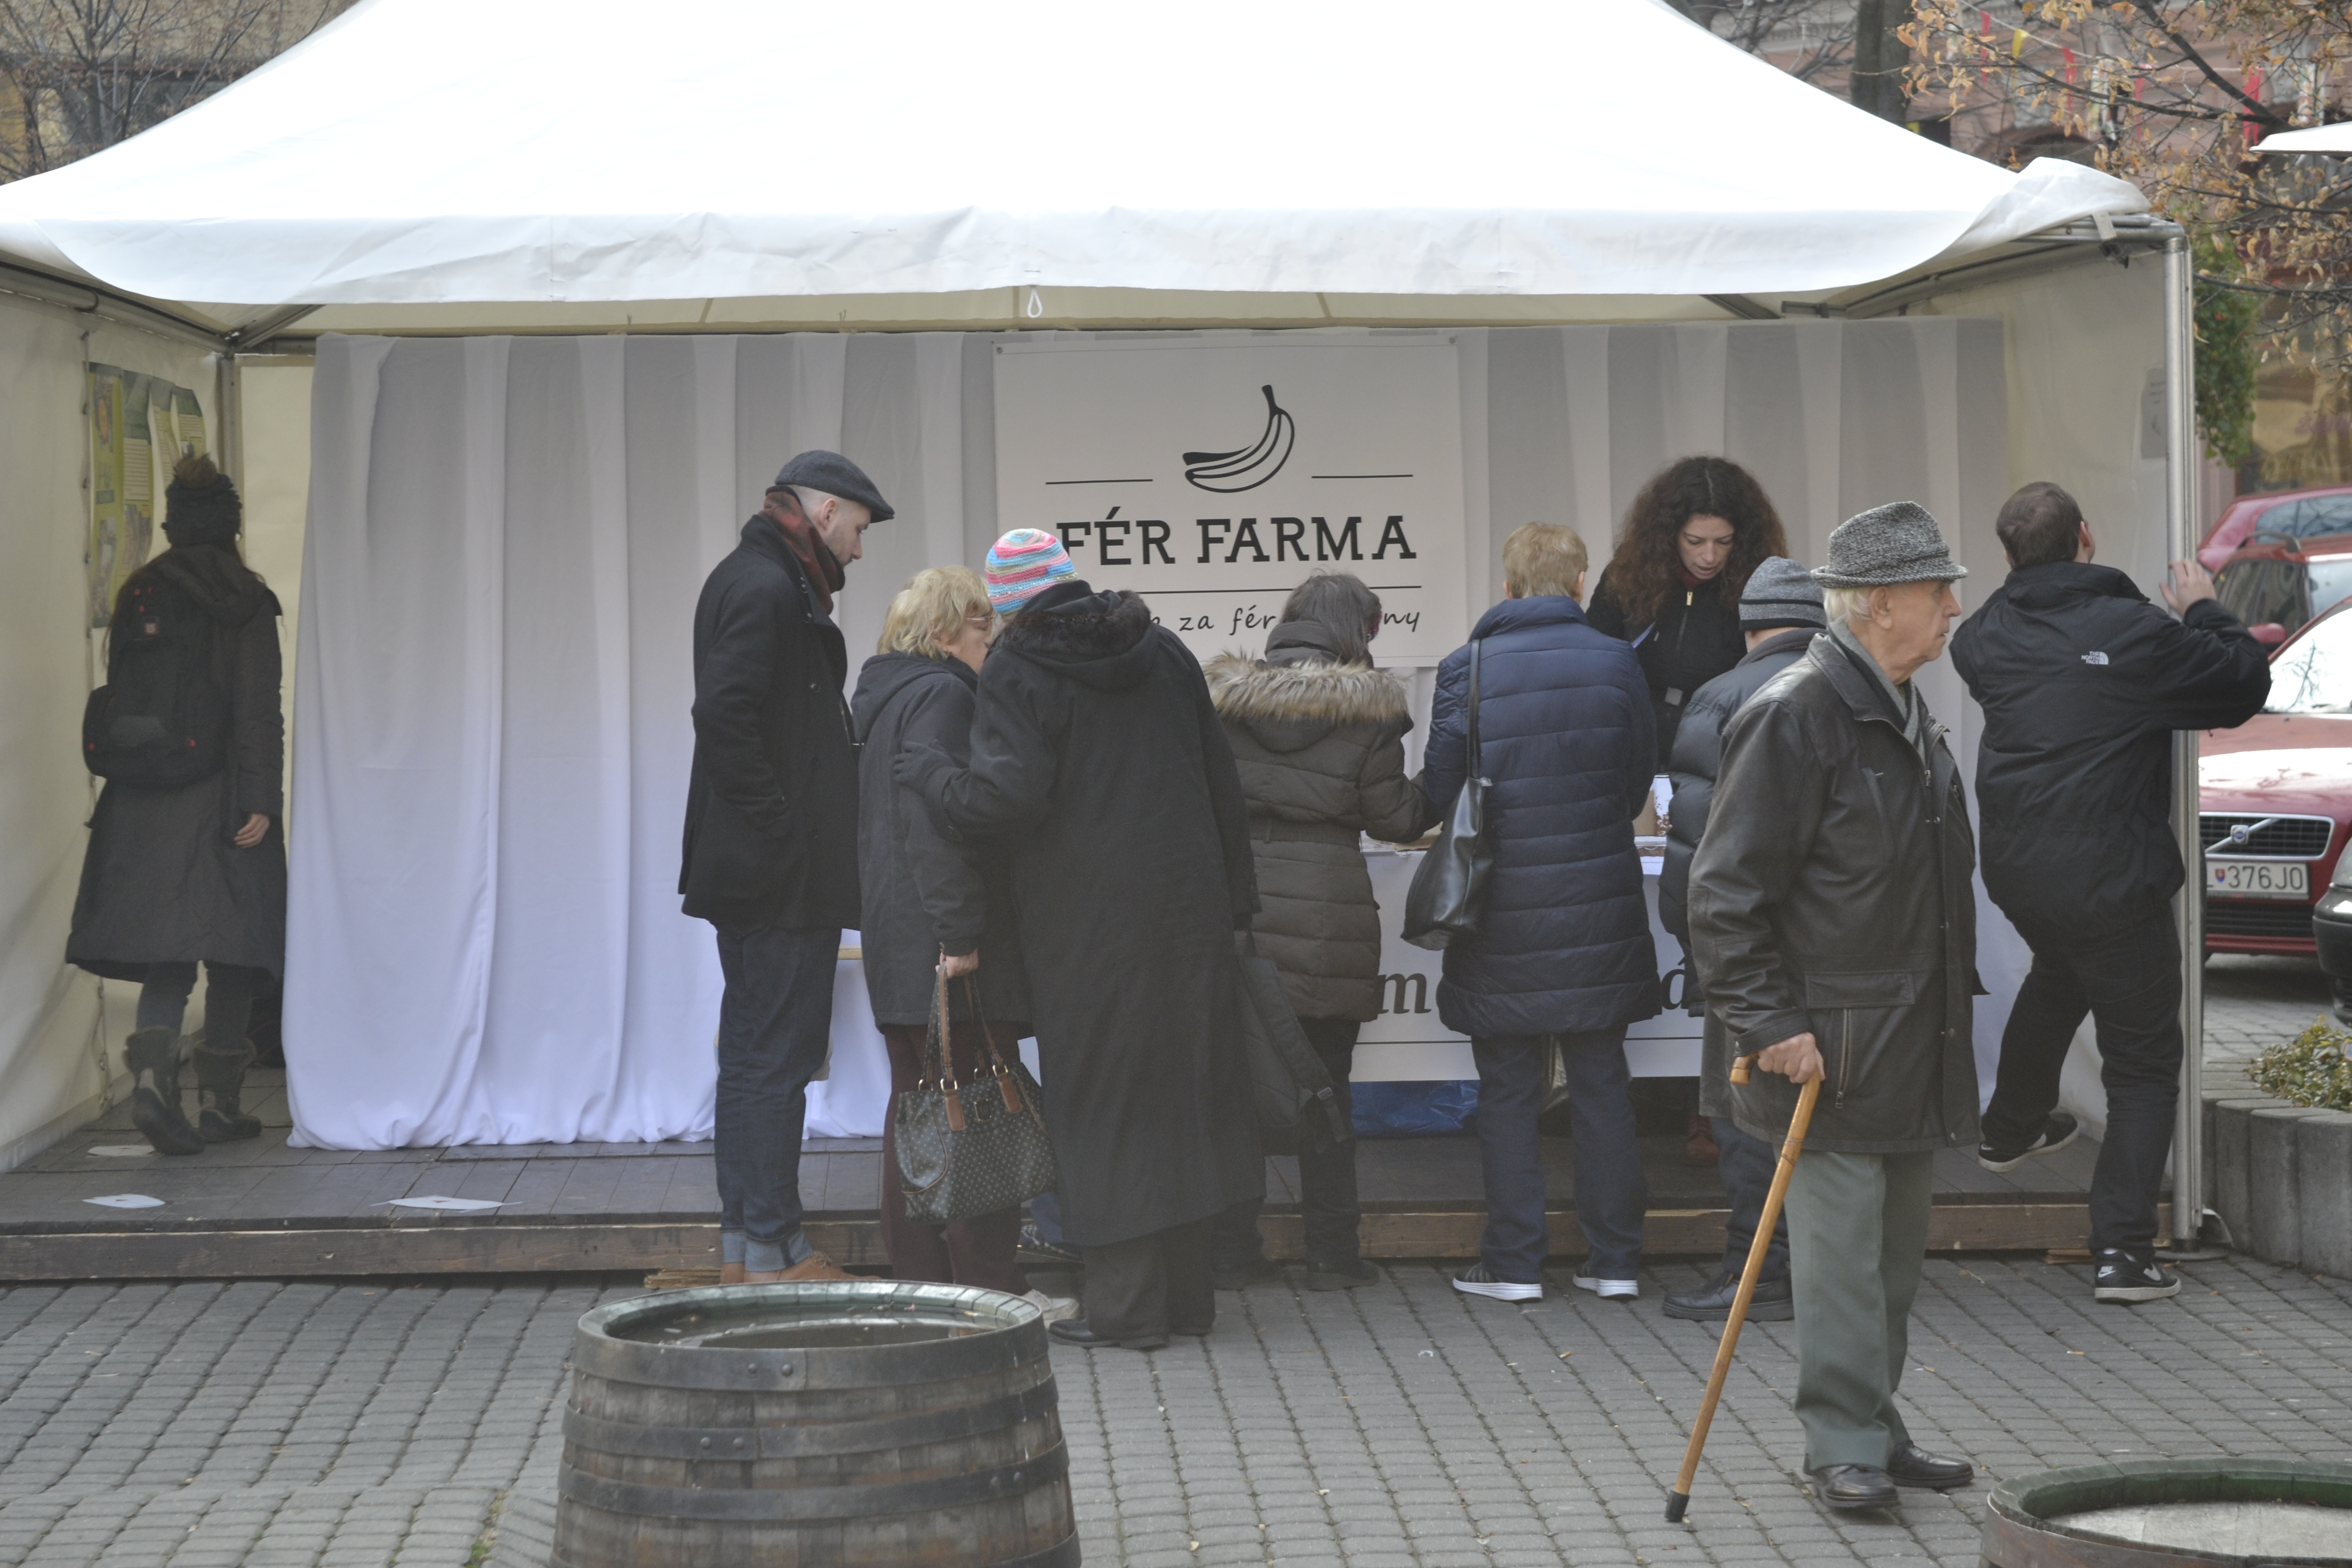 Čo sú Slováci ochotní obetovať pre lacný nákup? Živica zisťovala viac